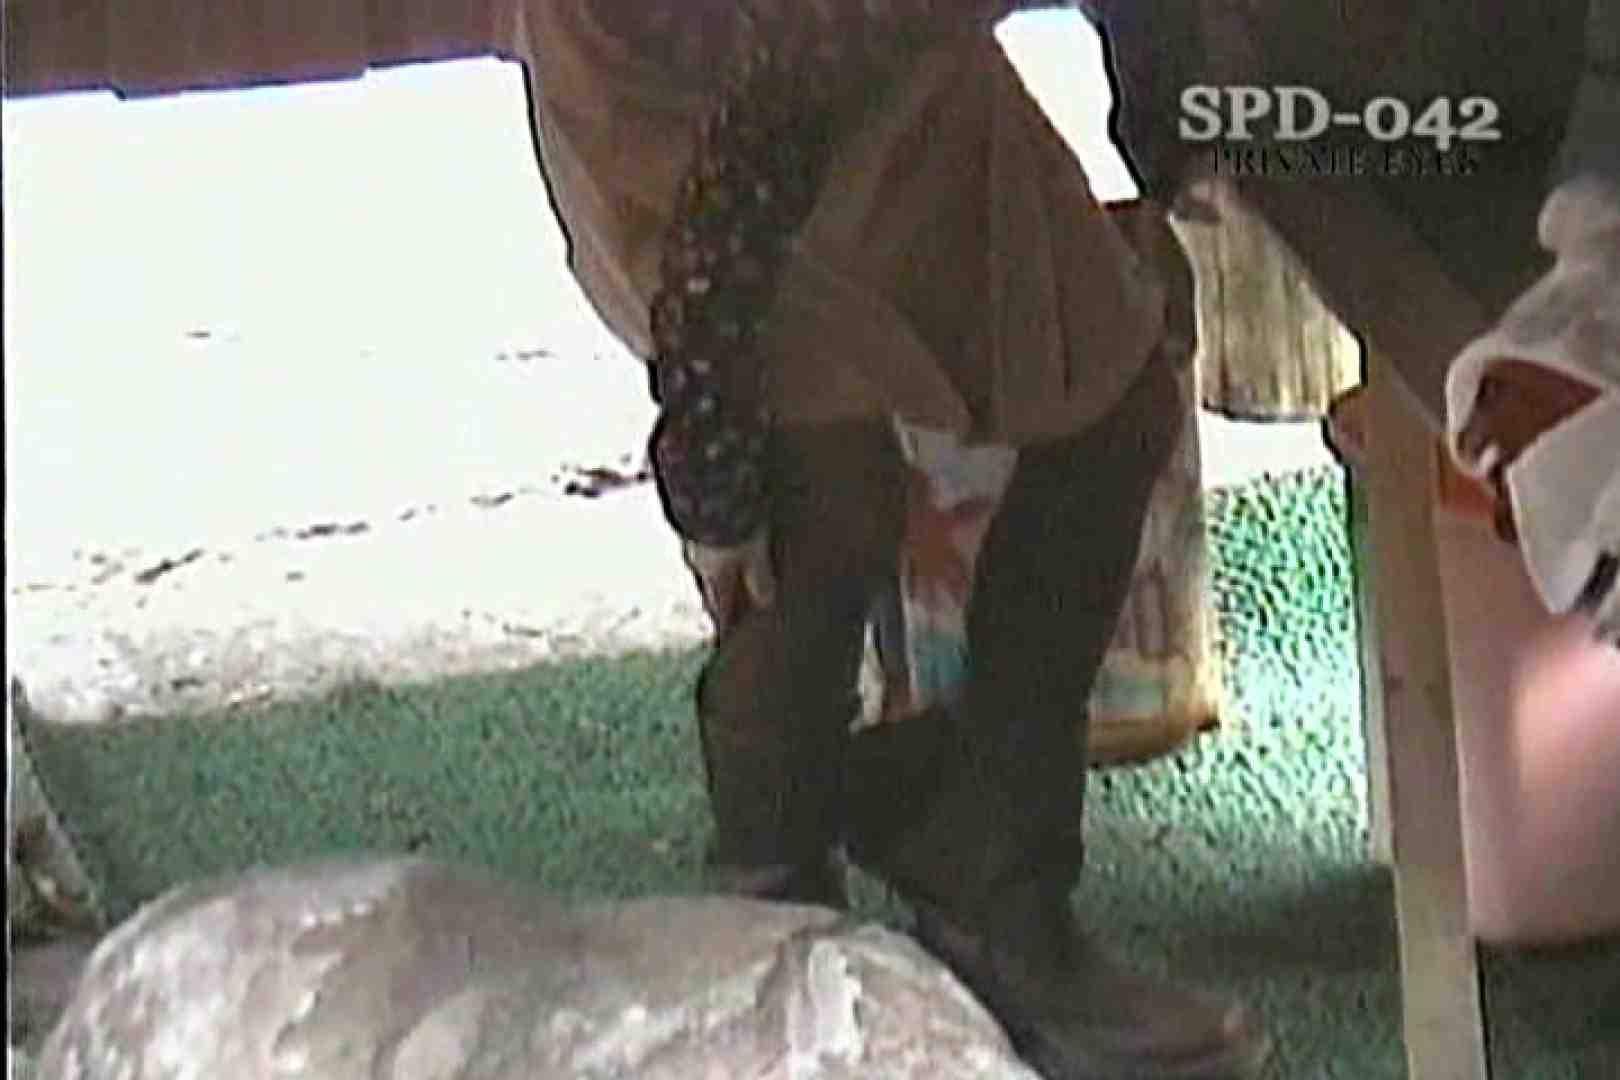 高画質版!SPD-042 新・潜入露天(七番湯) 名作映像 盗み撮り動画 108PIX 54